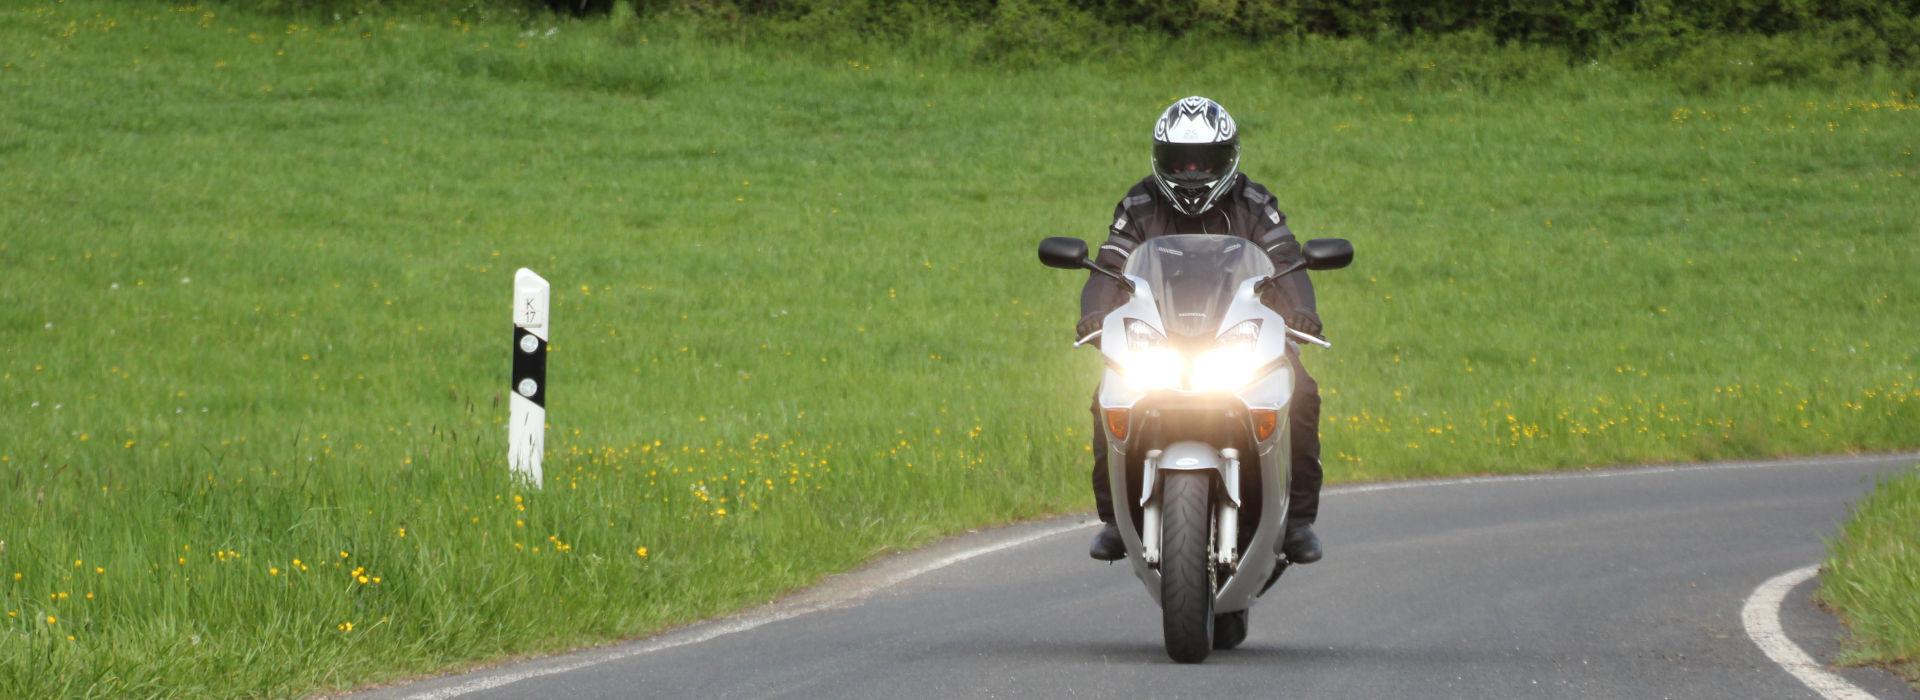 Motorrijschool Motorrijbewijspoint Sleeuwijk motorrijlessen